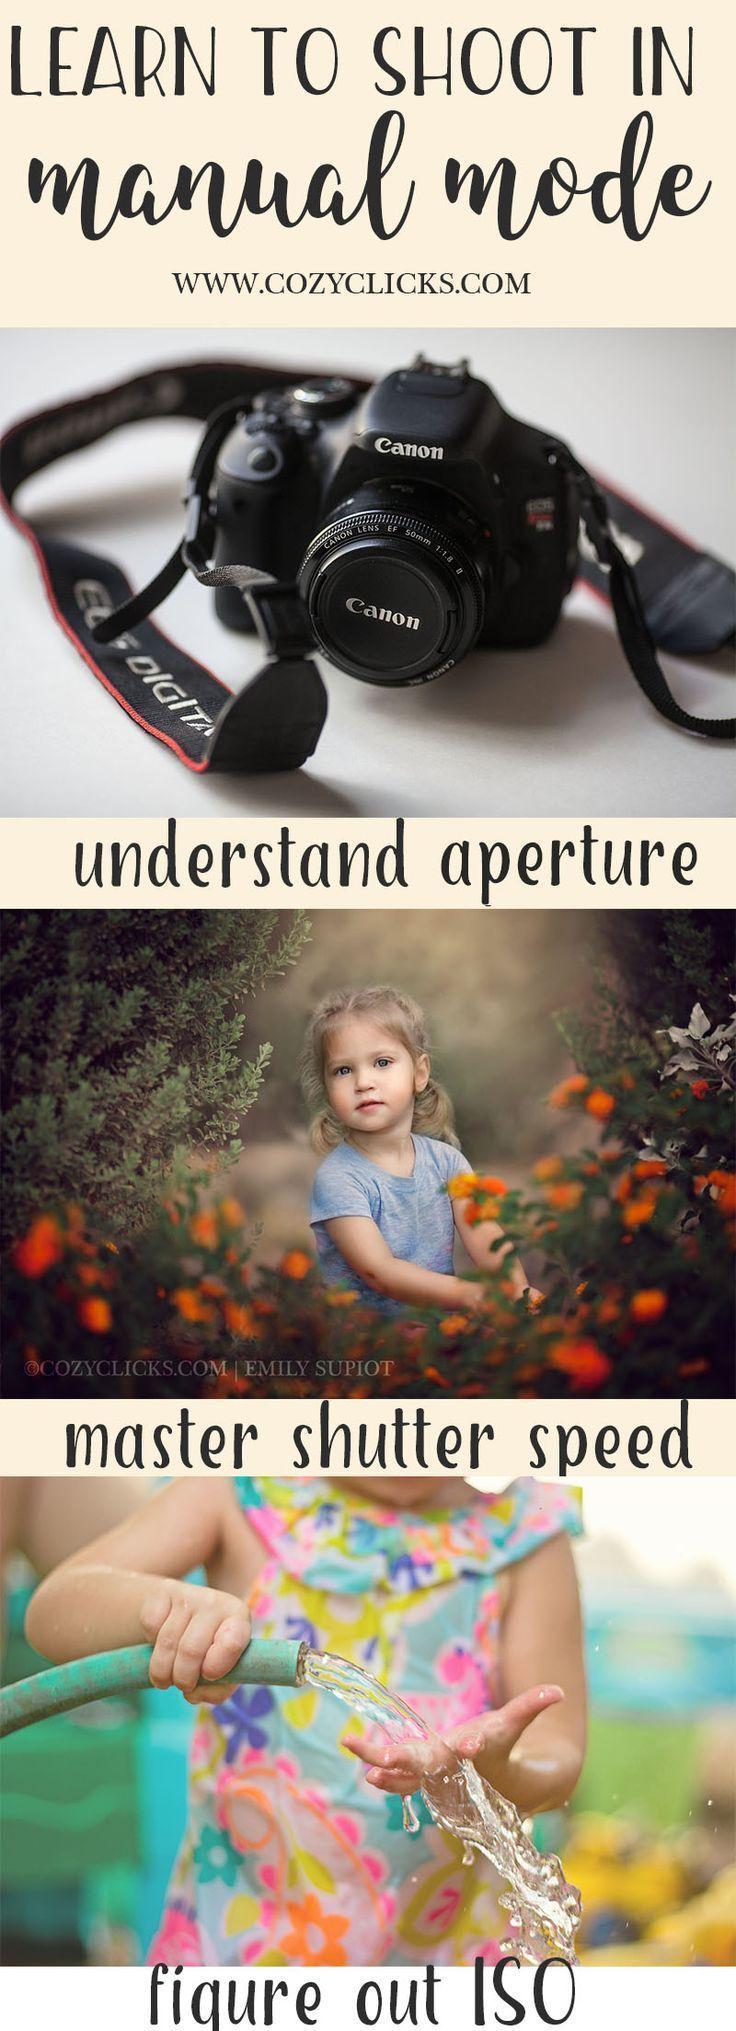 Die 4-Schritte-Anleitung zum Aufnehmen im manuellen Modus #photographing